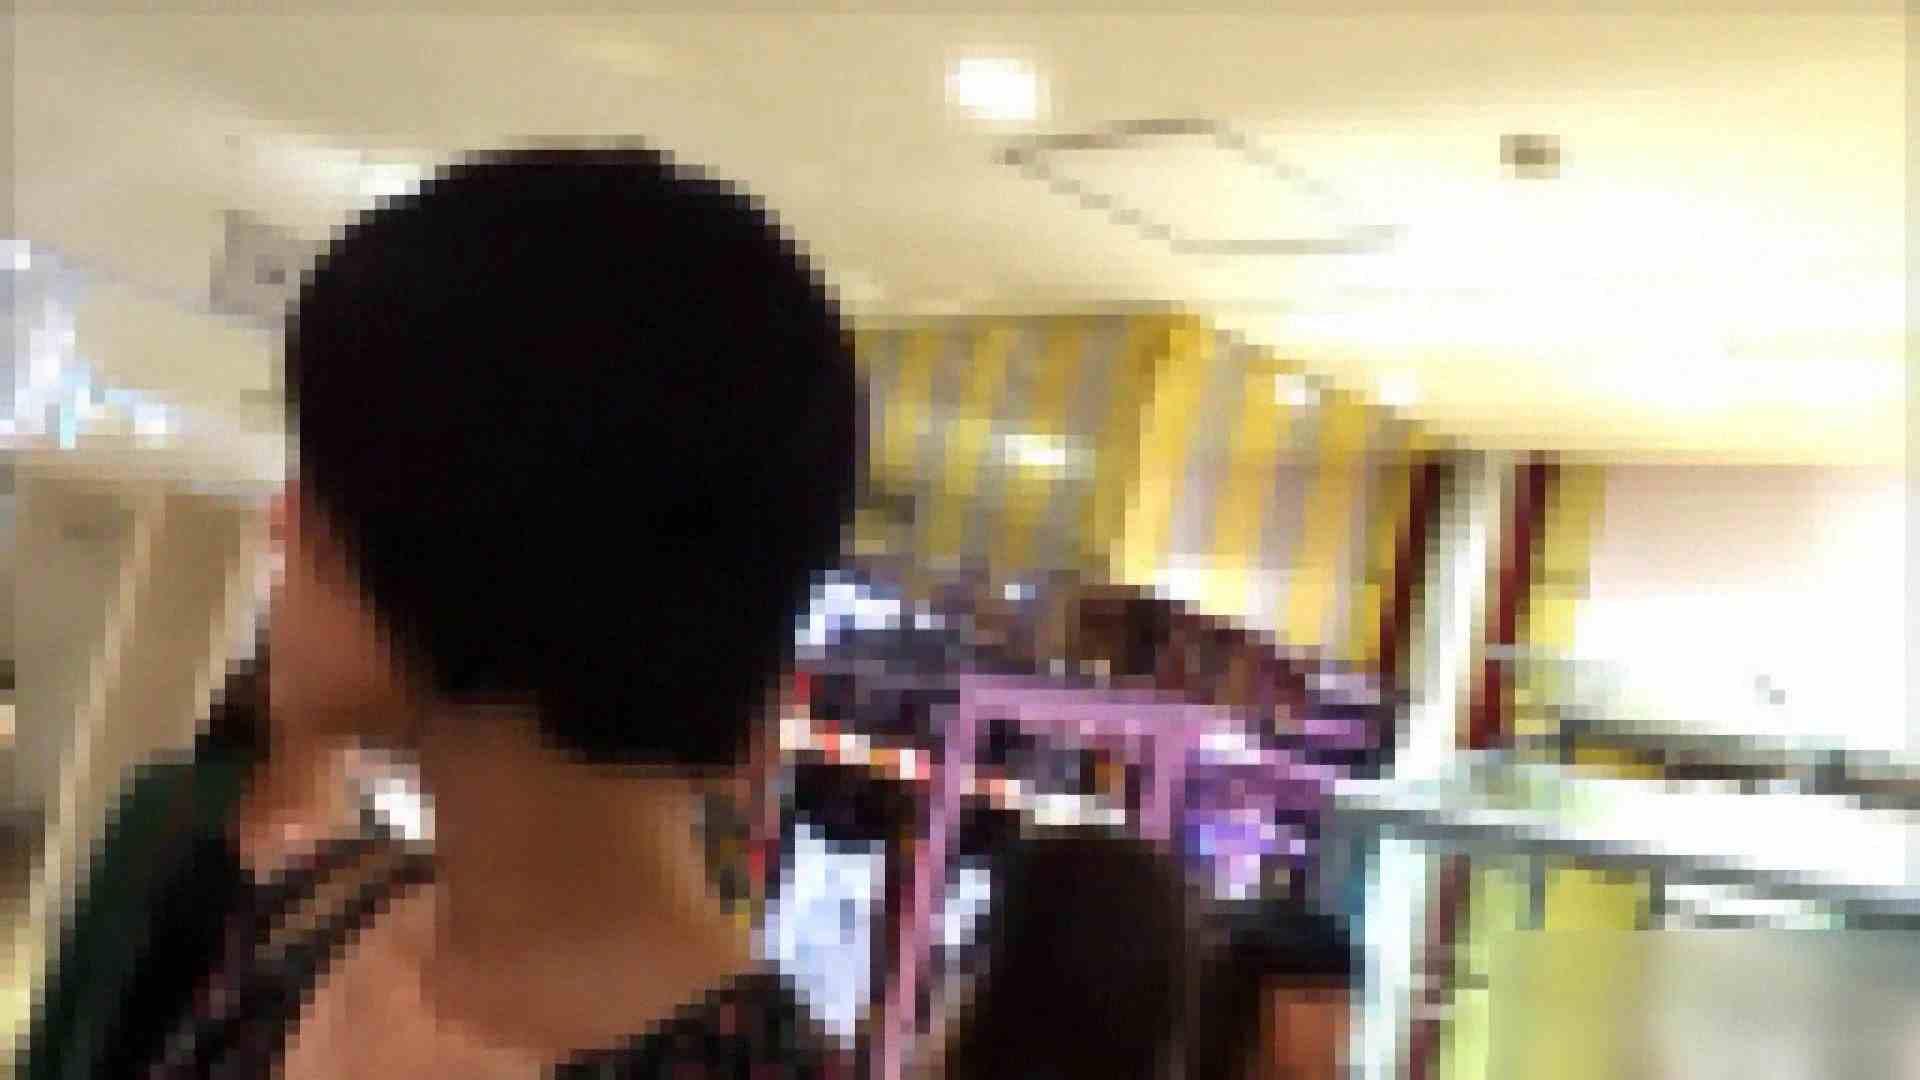 ガールズパンチラストリートビューVol.011 チラ 盗み撮りオマンコ動画キャプチャ 109画像 87